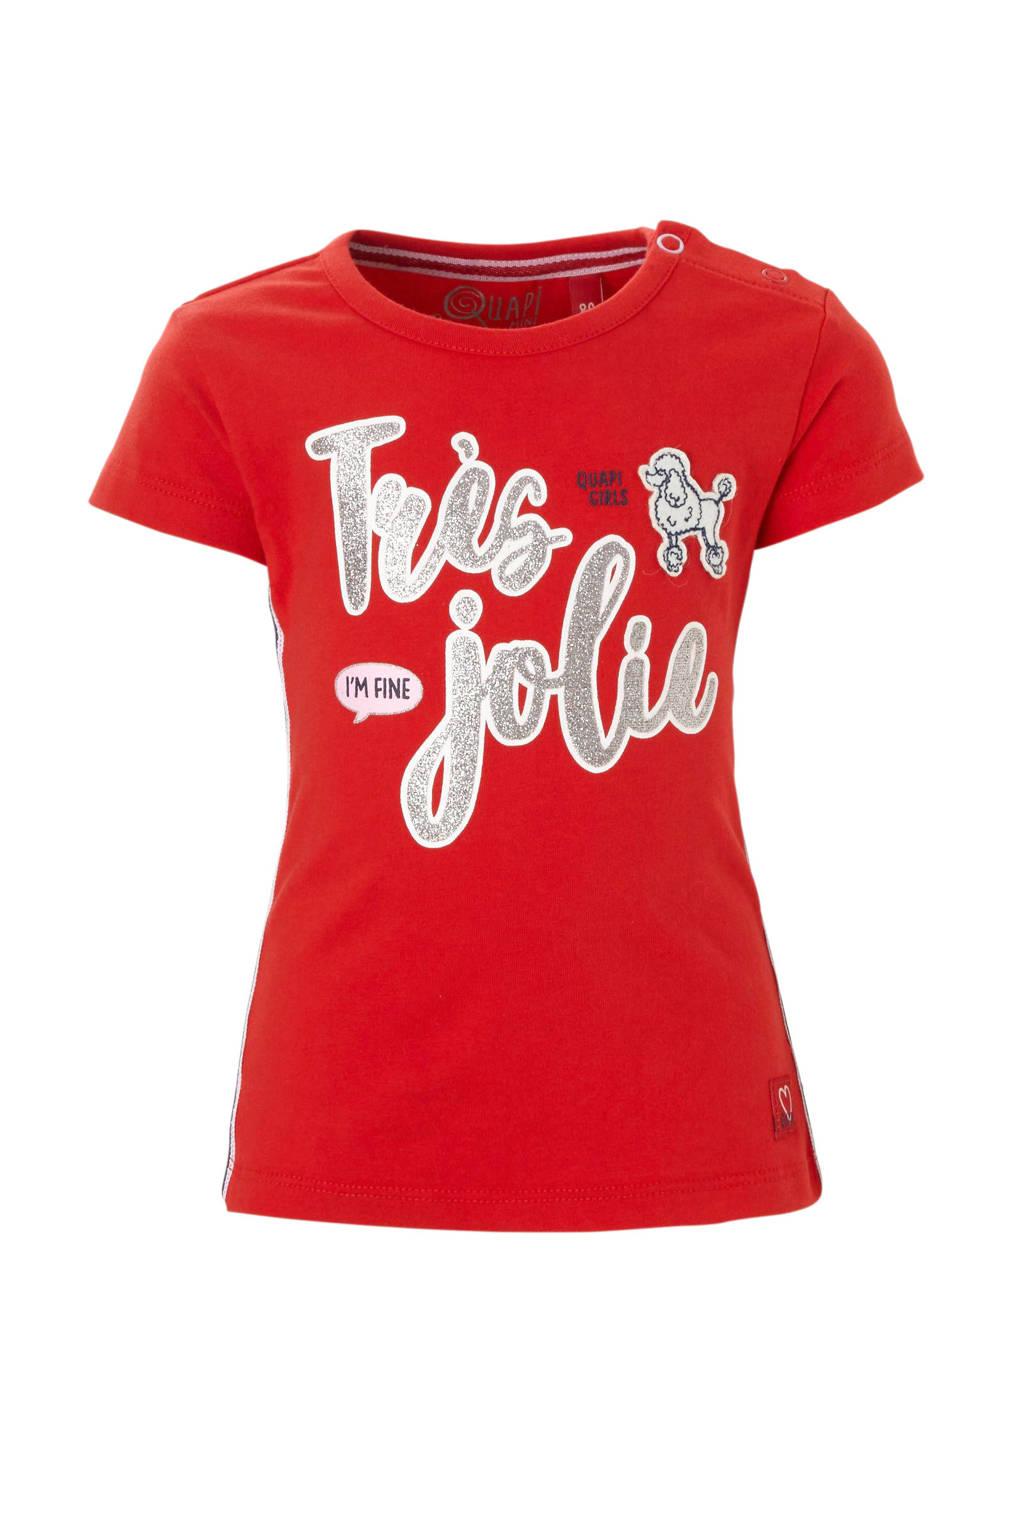 Quapi baby T-shirt met tekst Roma rood, Rood